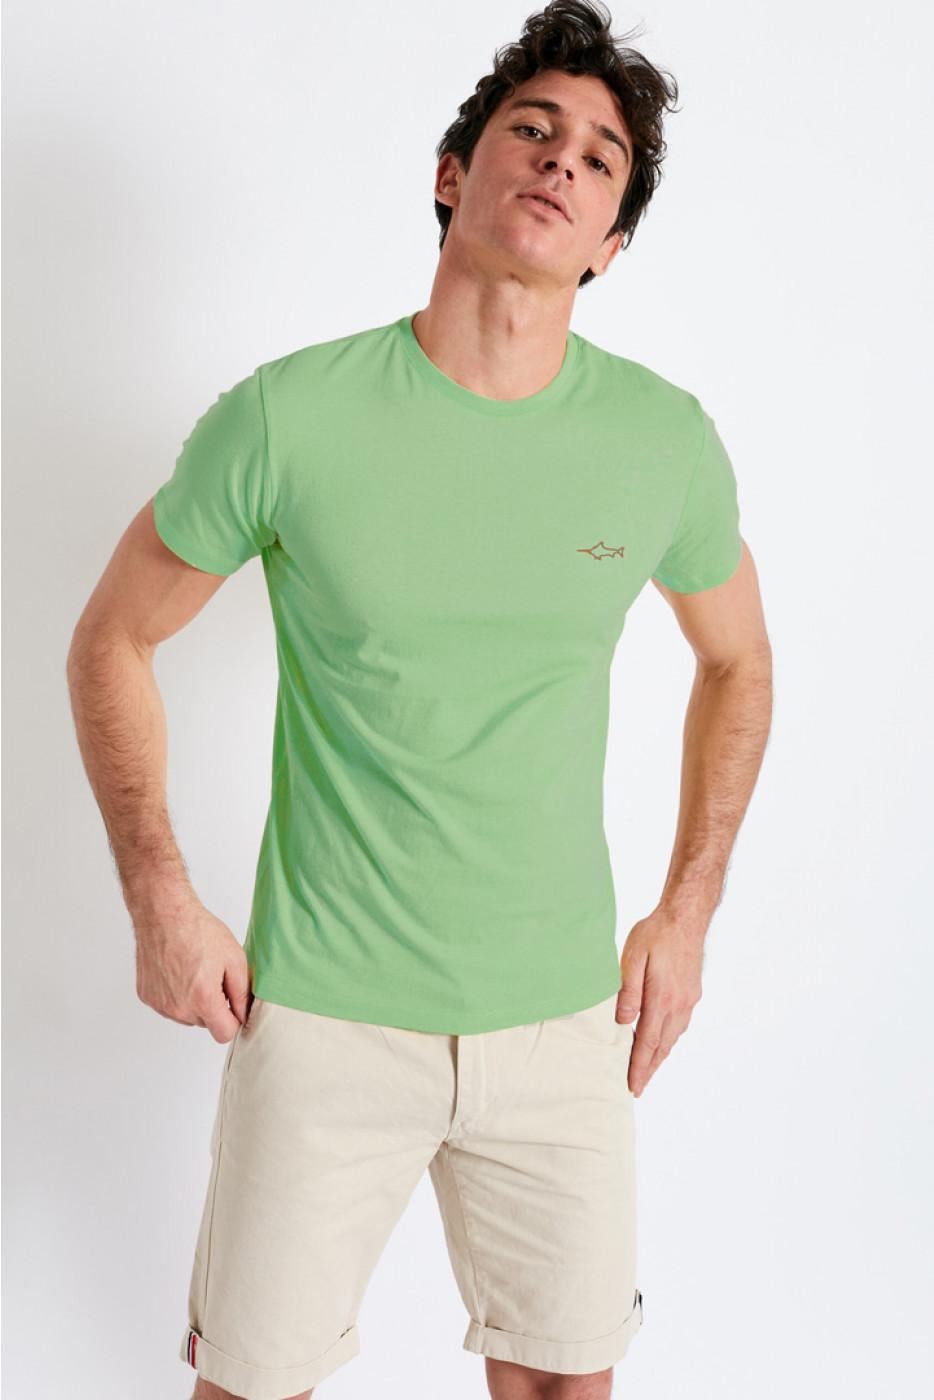 T-shirt manches courtes vert Broderie Espadon TSMC BRODERIE